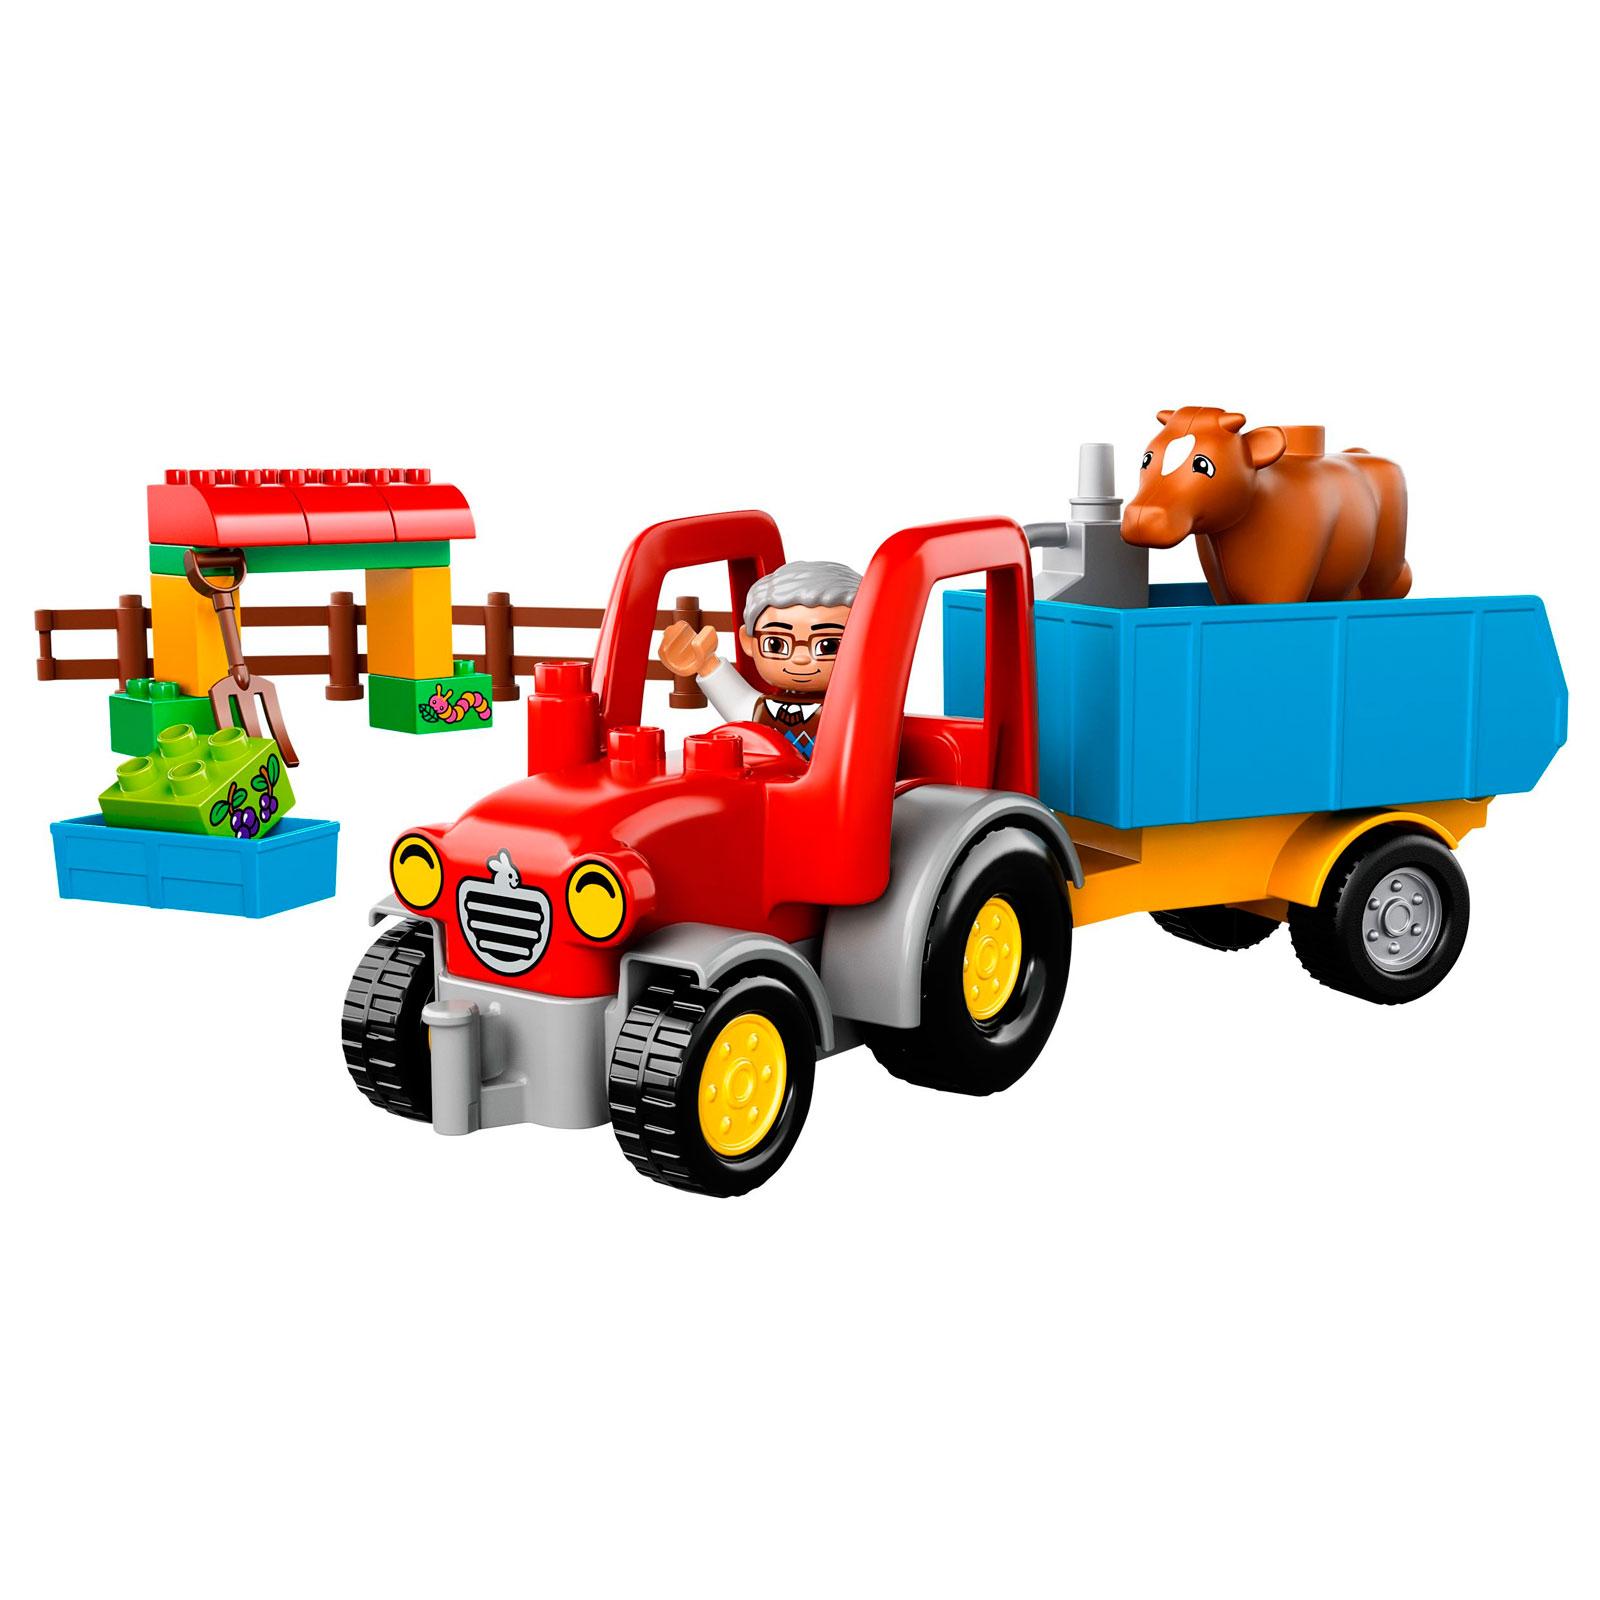 Конструктор LEGO Duplo 10524 Сельскохозяйственный трактор<br>